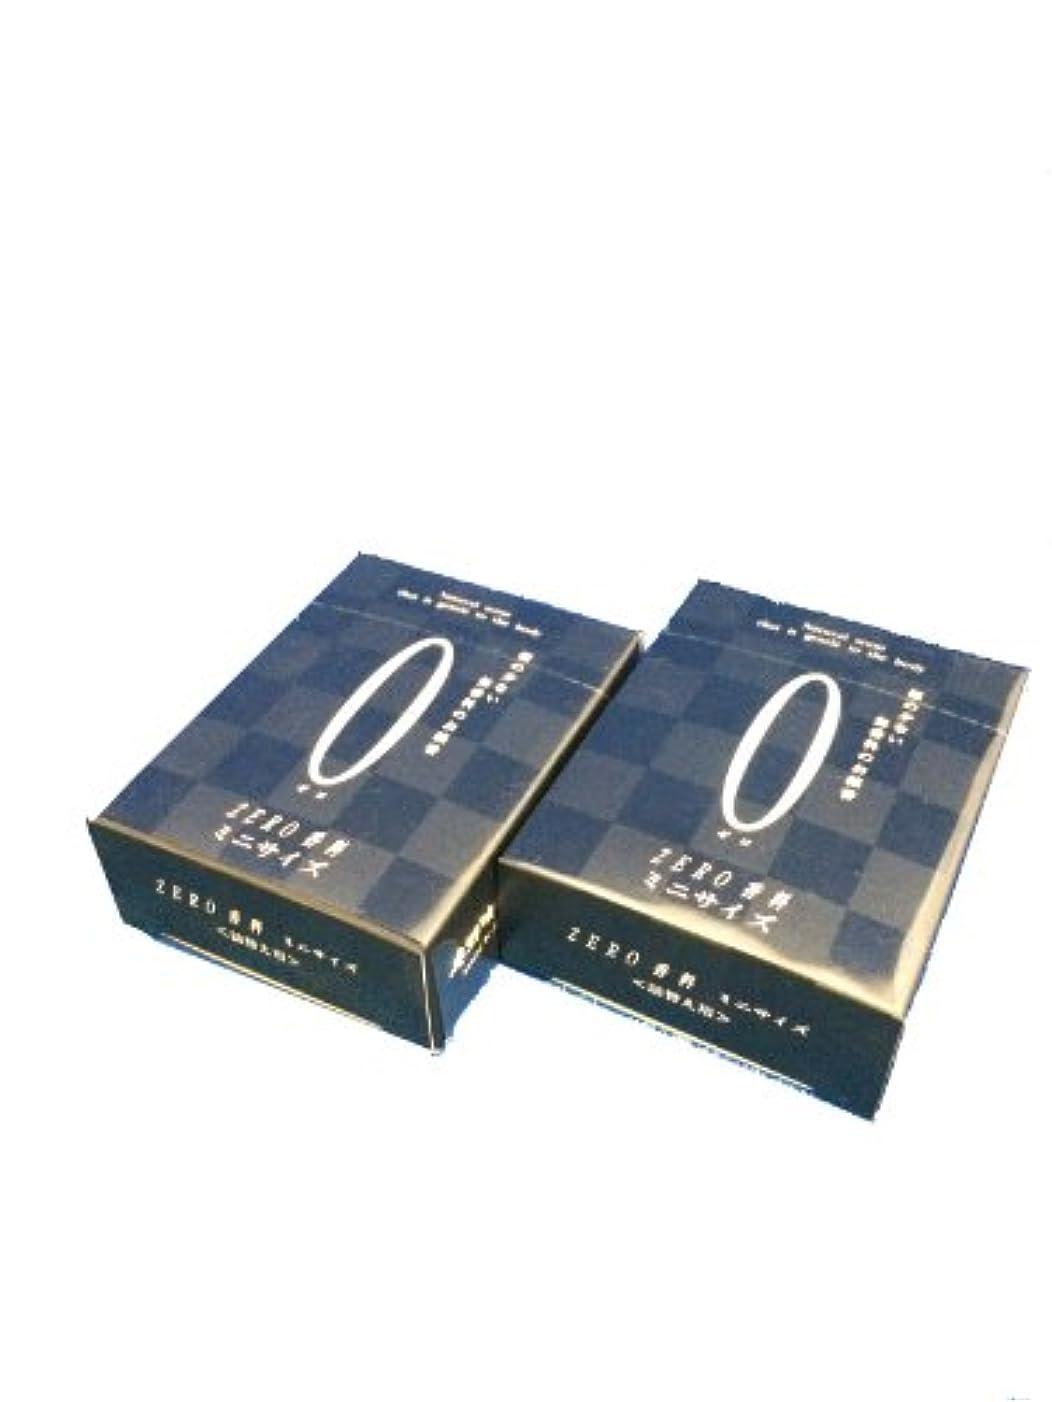 安西大気無意識ZERO ゼロ香料 詰め替え用 2個セット ミニ寸 サイズ 約60g